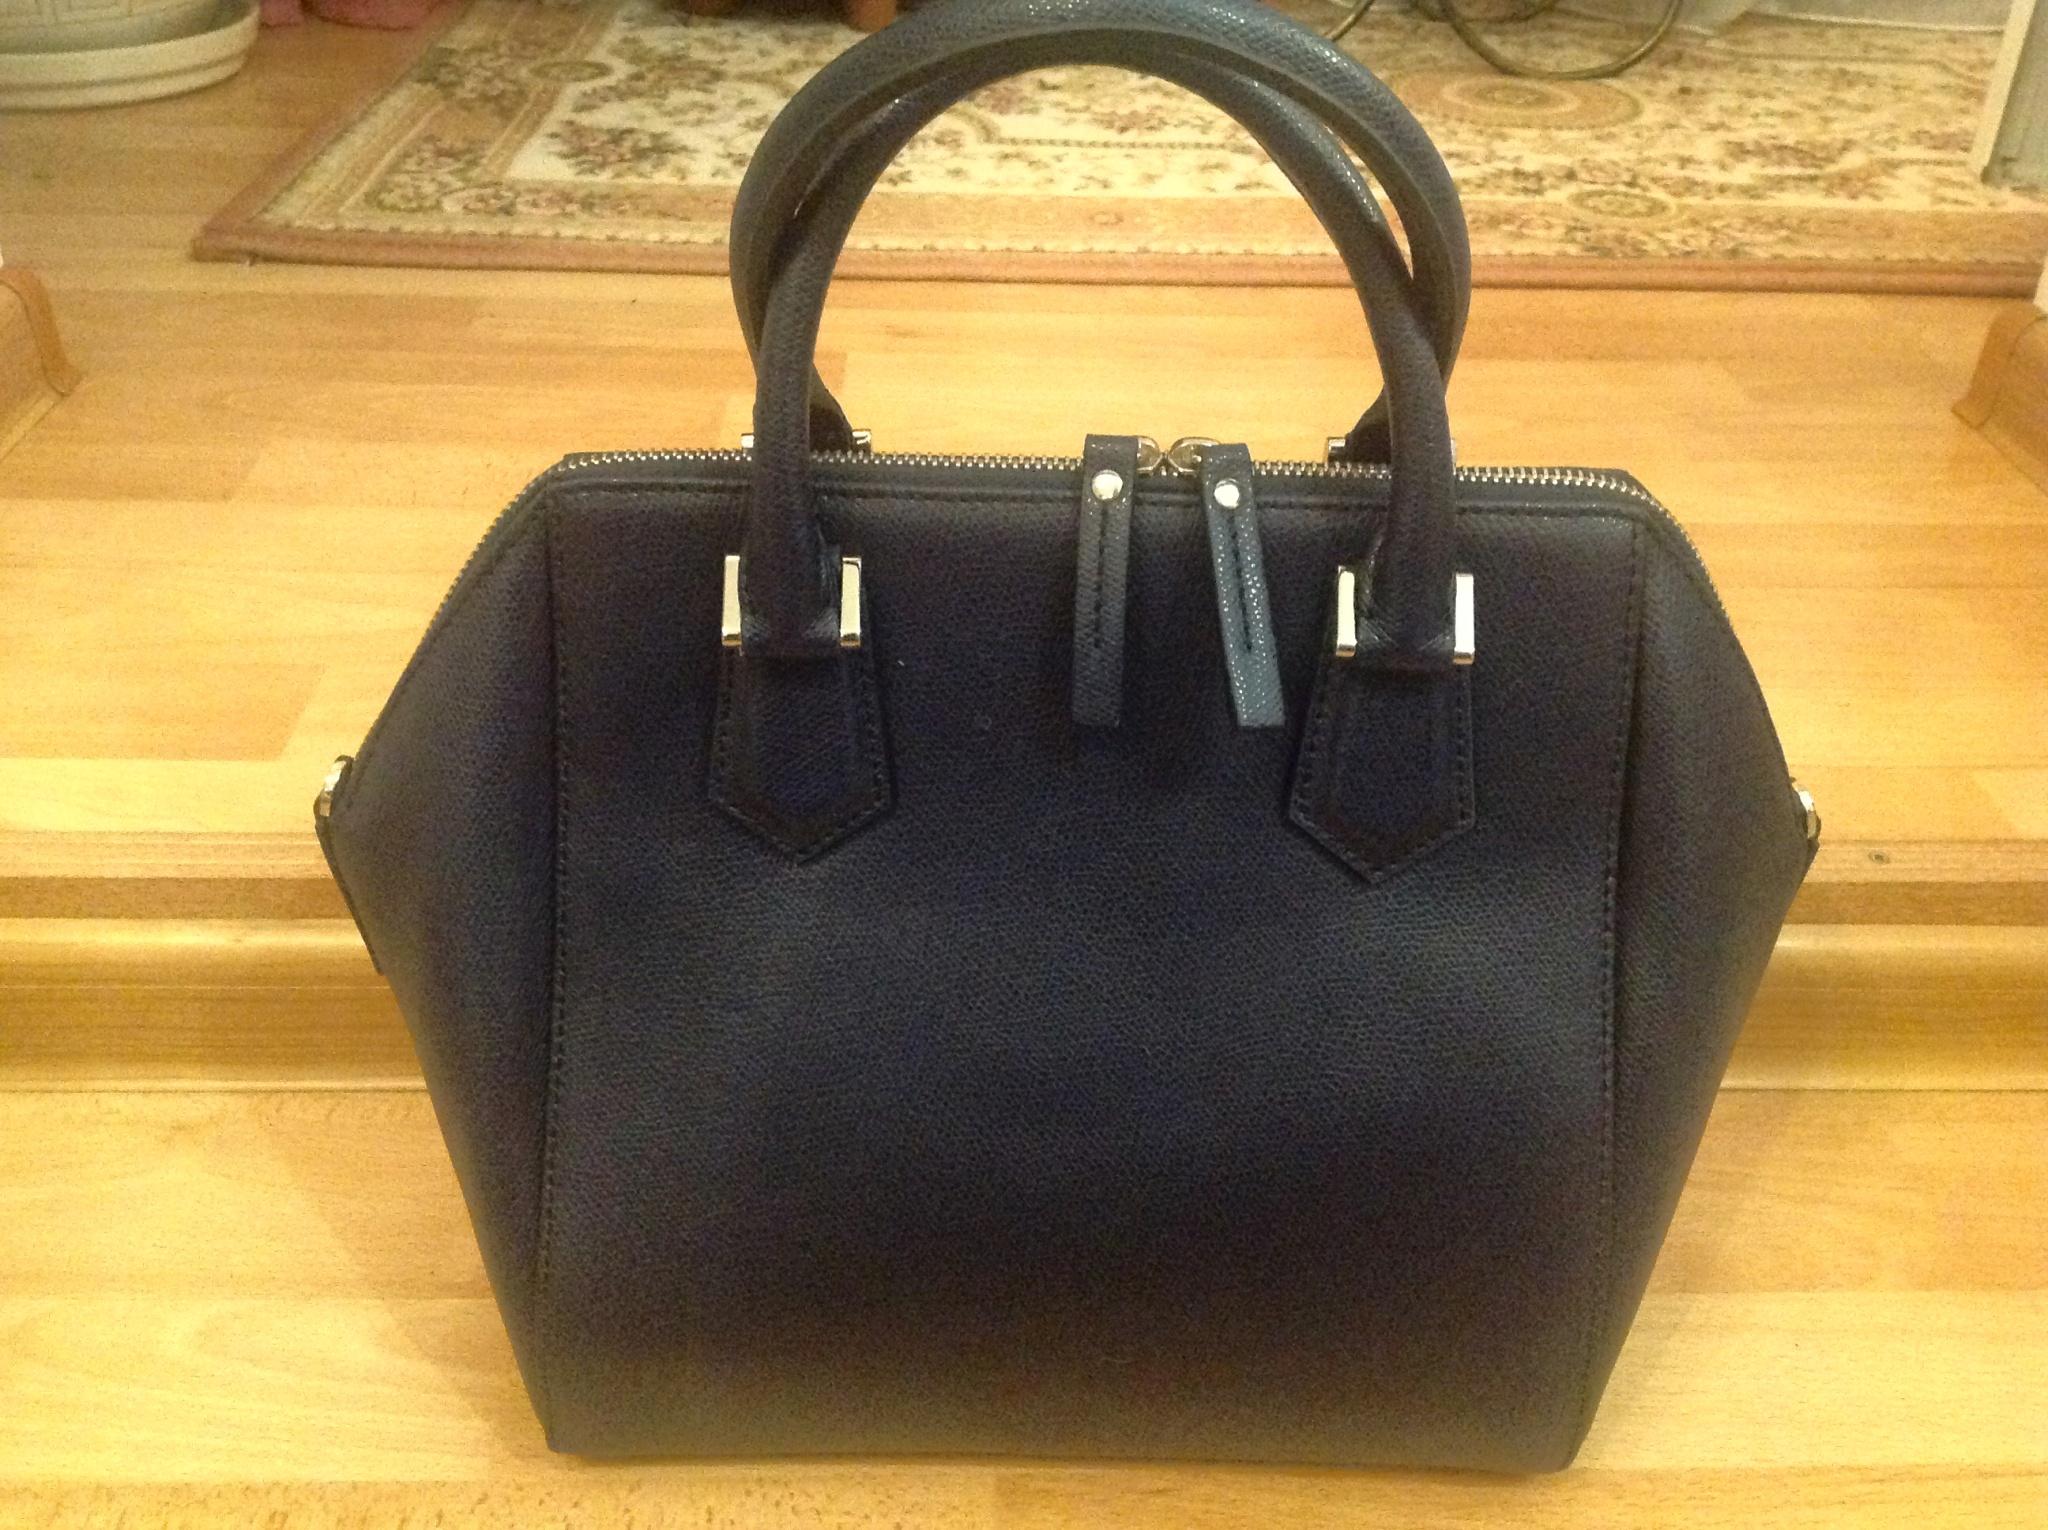 Обзор на Женская сумка Gianni Conti 2153206 blue, темно-синий - изображение  1 1f96faba9d3